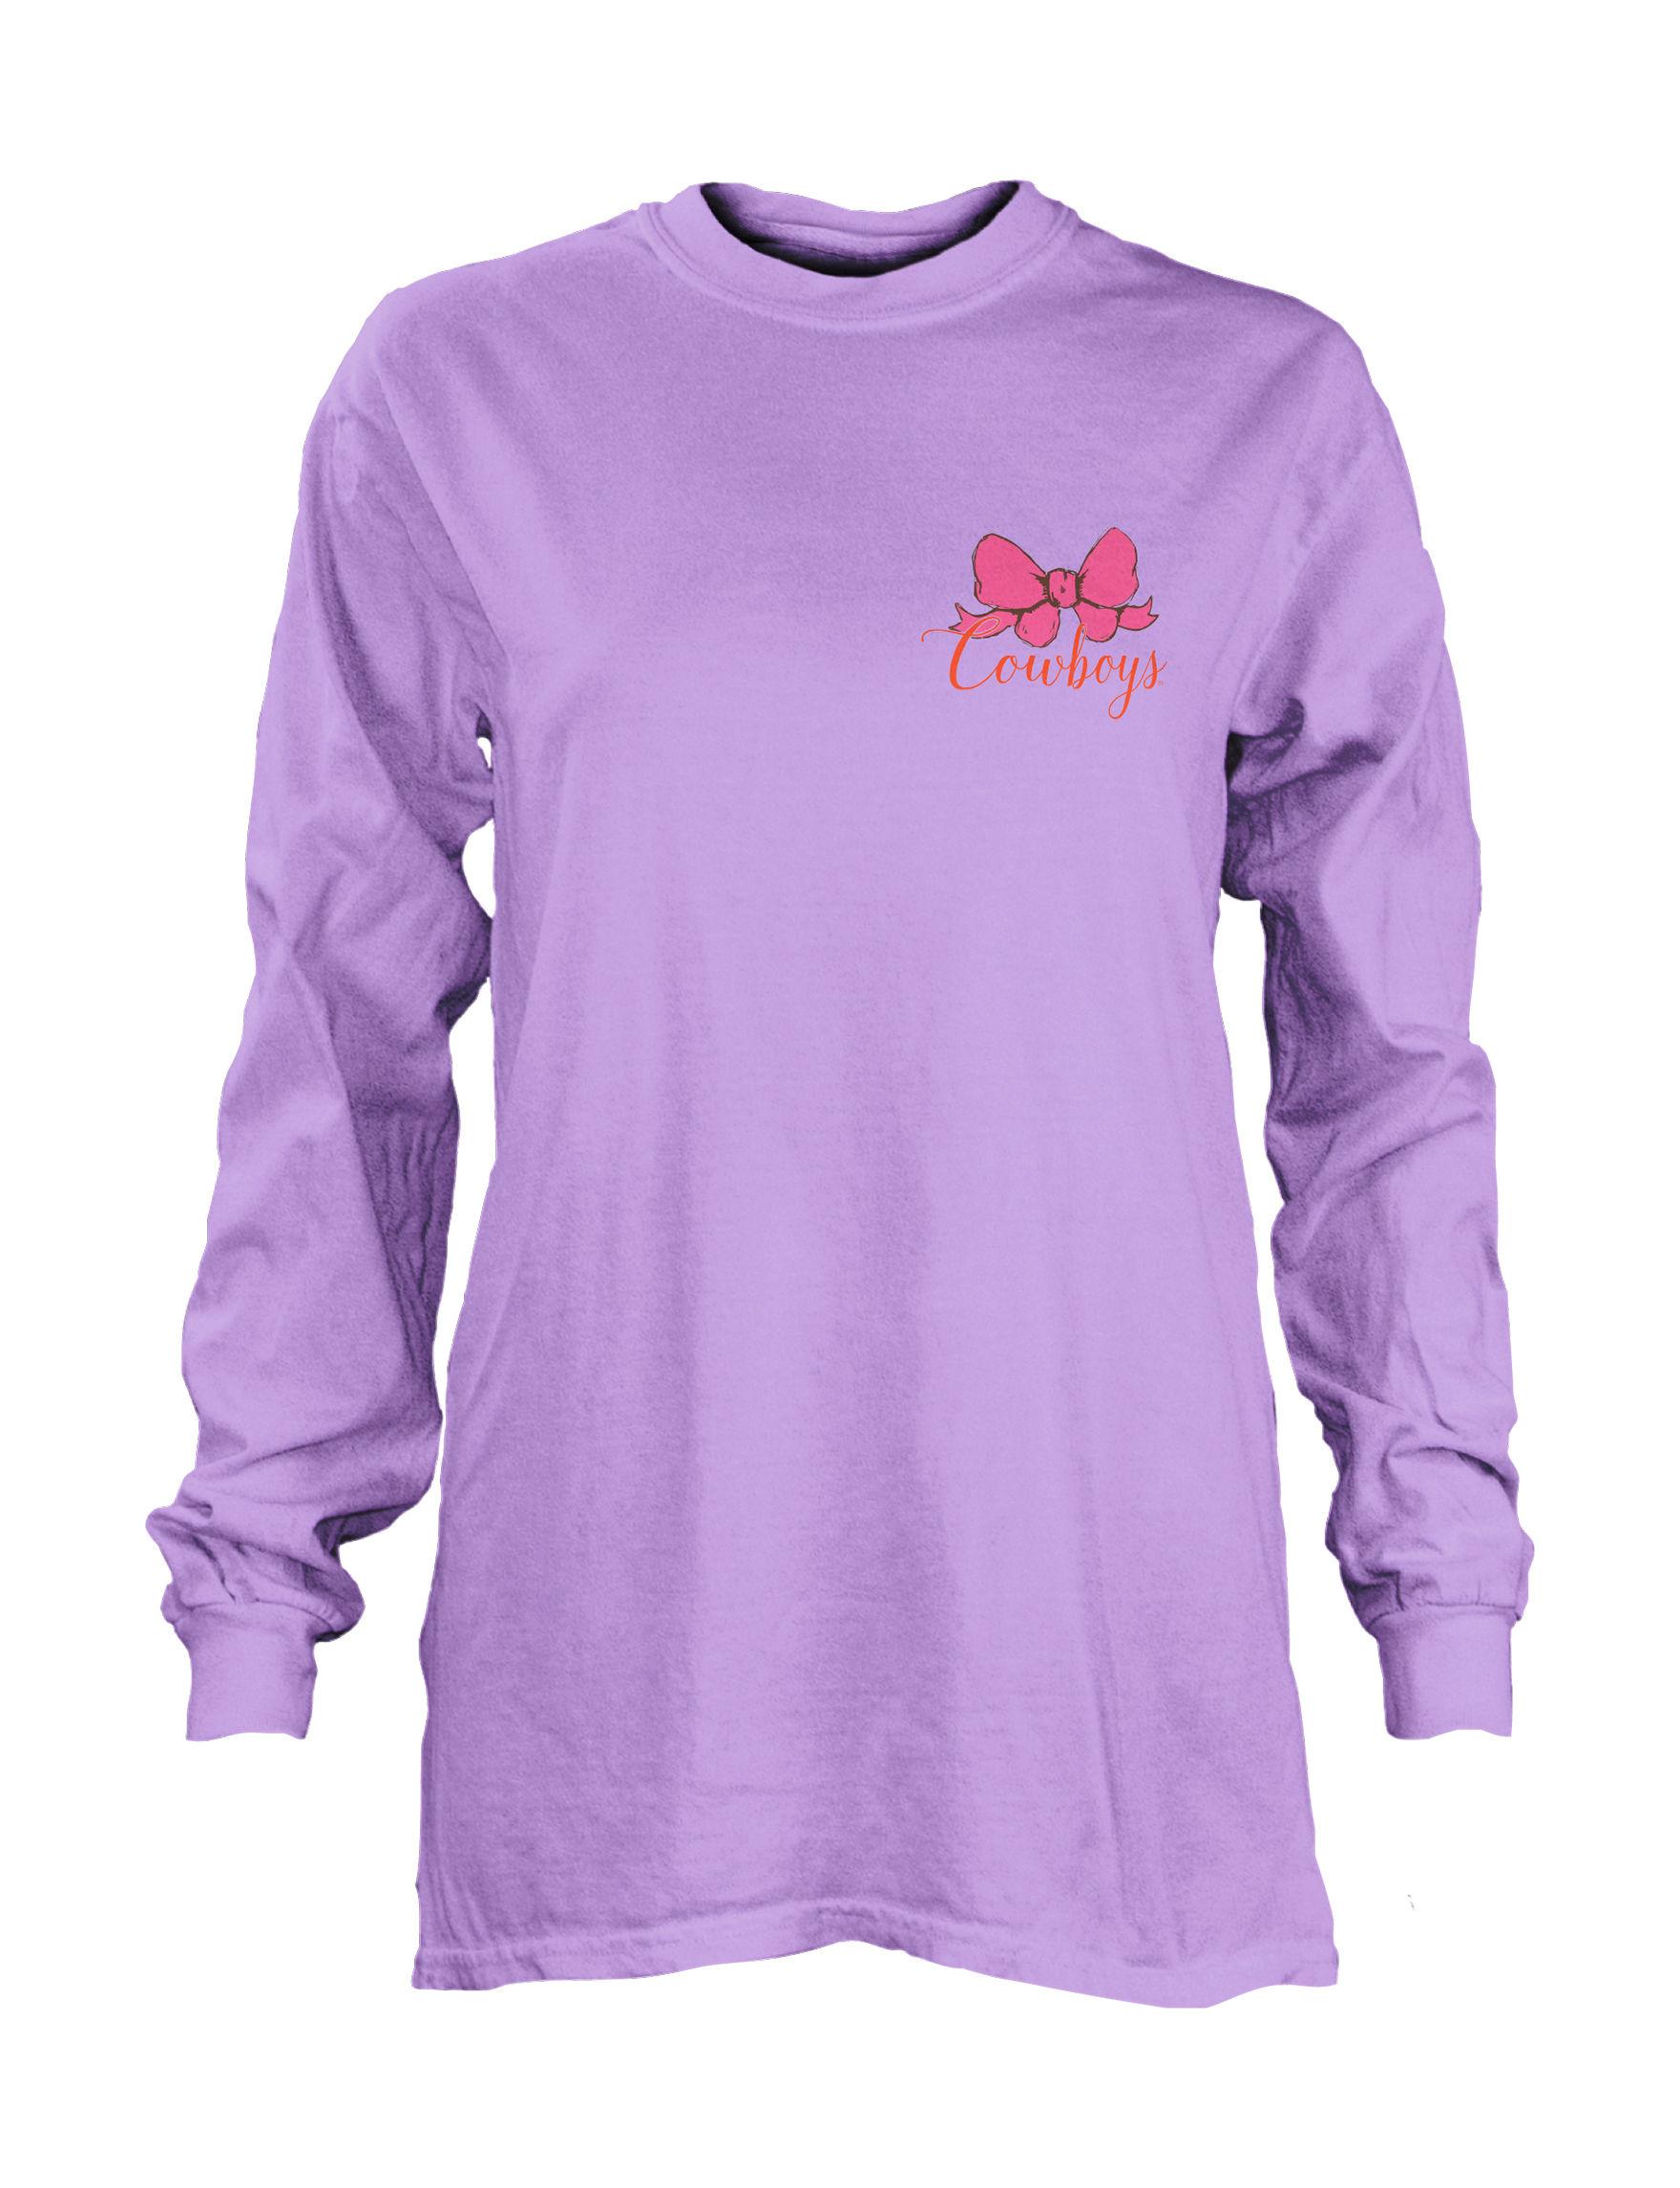 NCAA Light Purple Pull-overs Shirts & Blouses Tees & Tanks NCAA